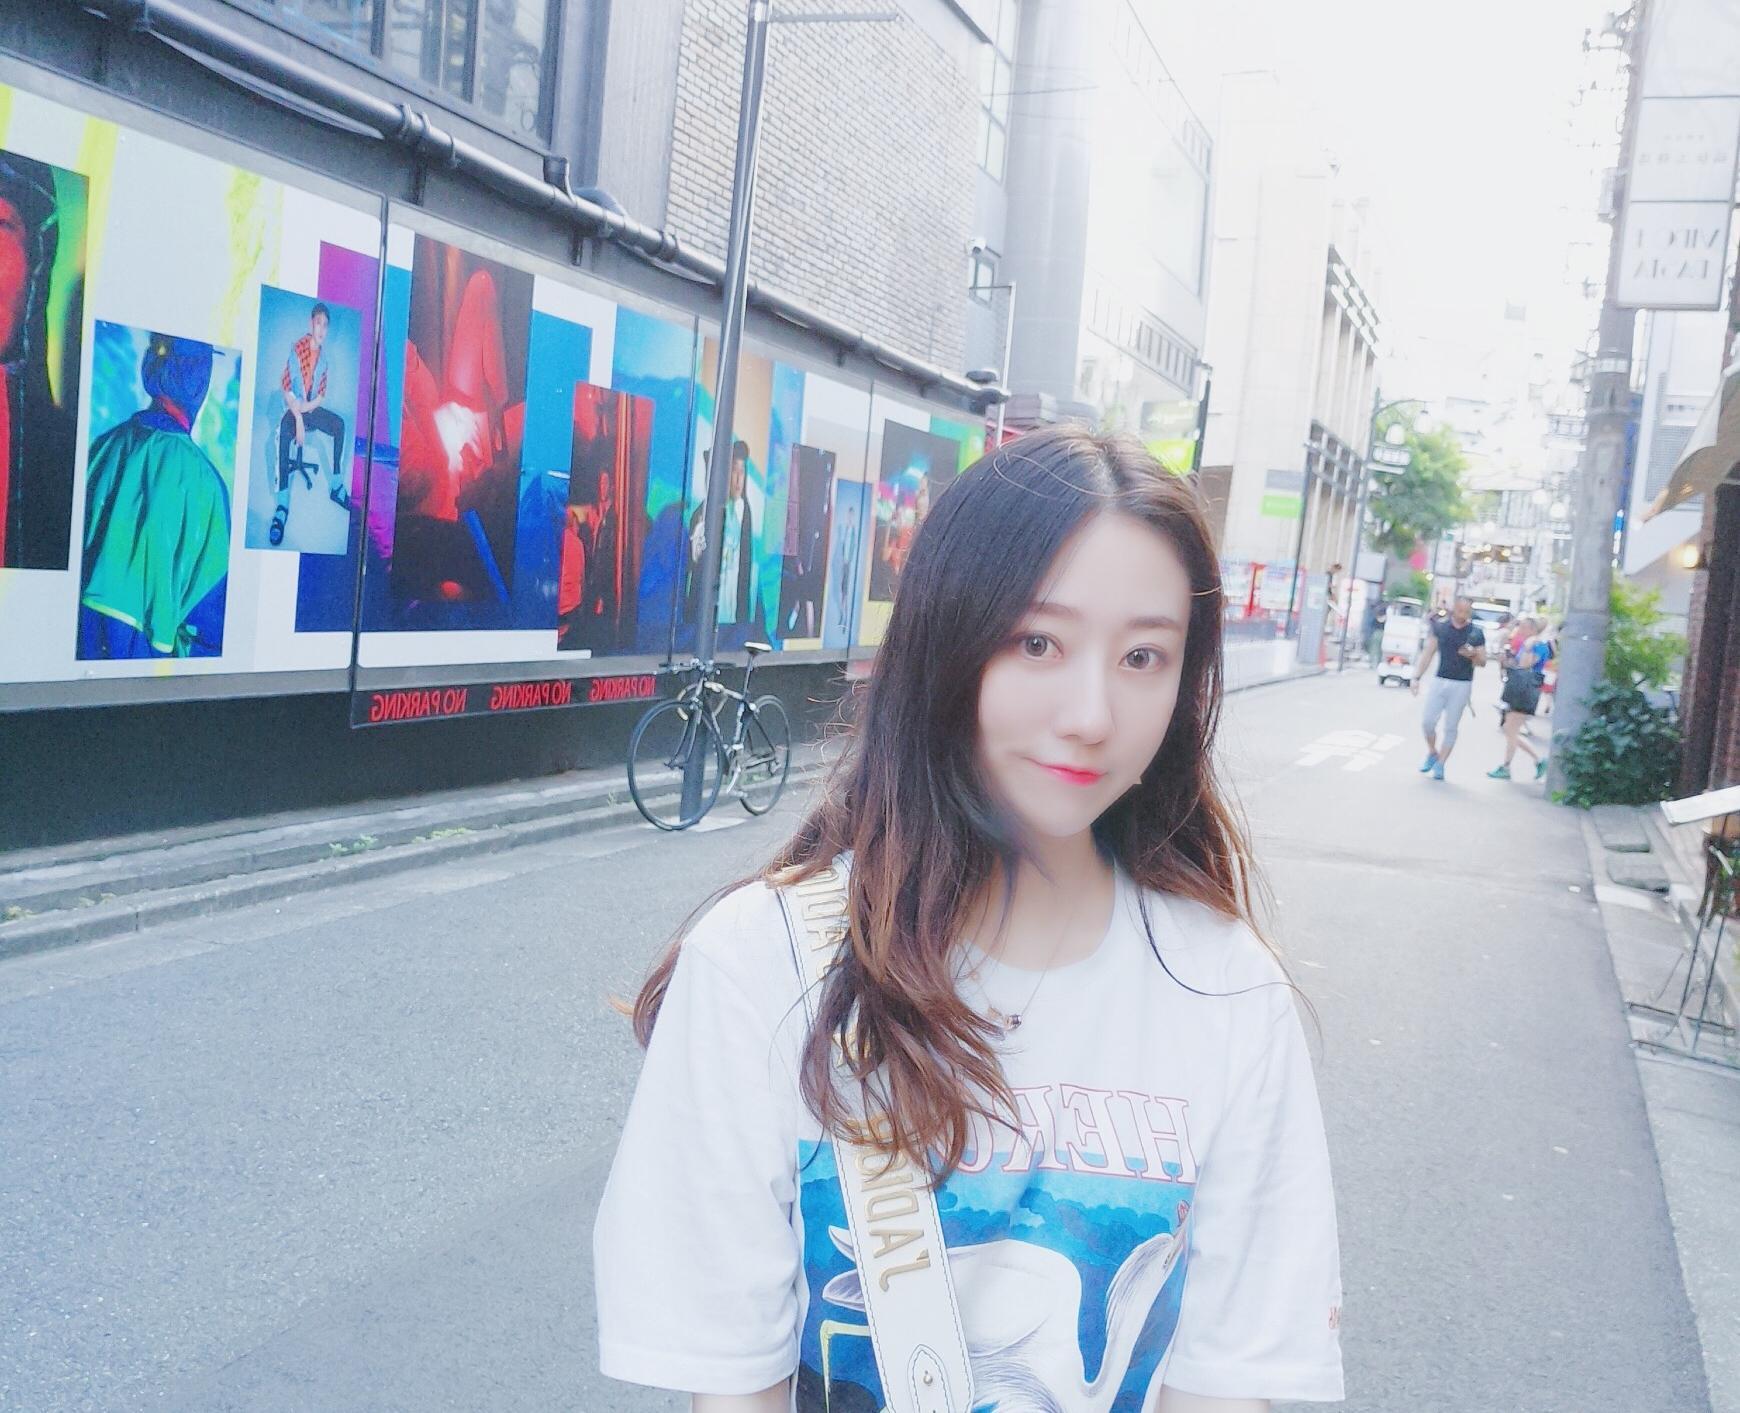 爱的魔法 金莎mv_阿泱 - 歌手 - 网易云音乐